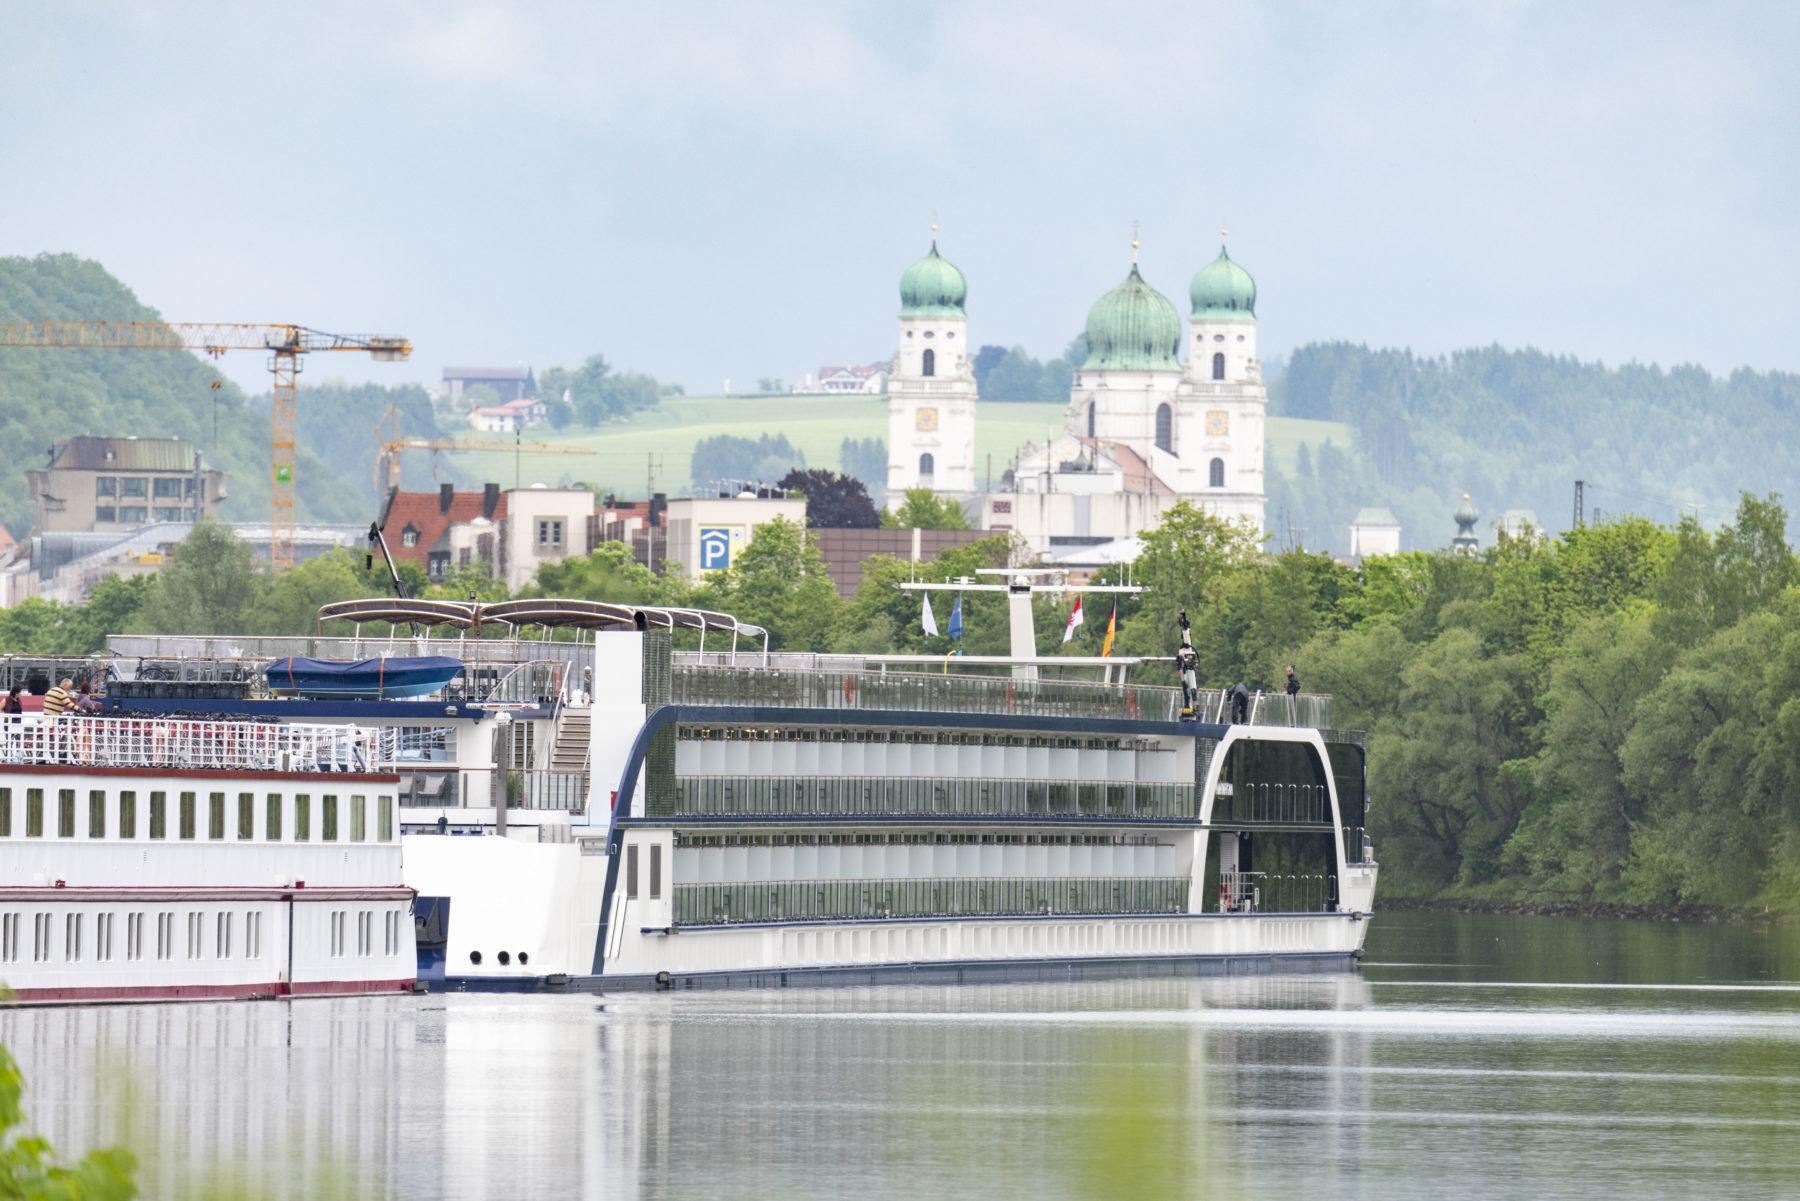 Flusskreuzfahrtschiff bayernhafen Passau